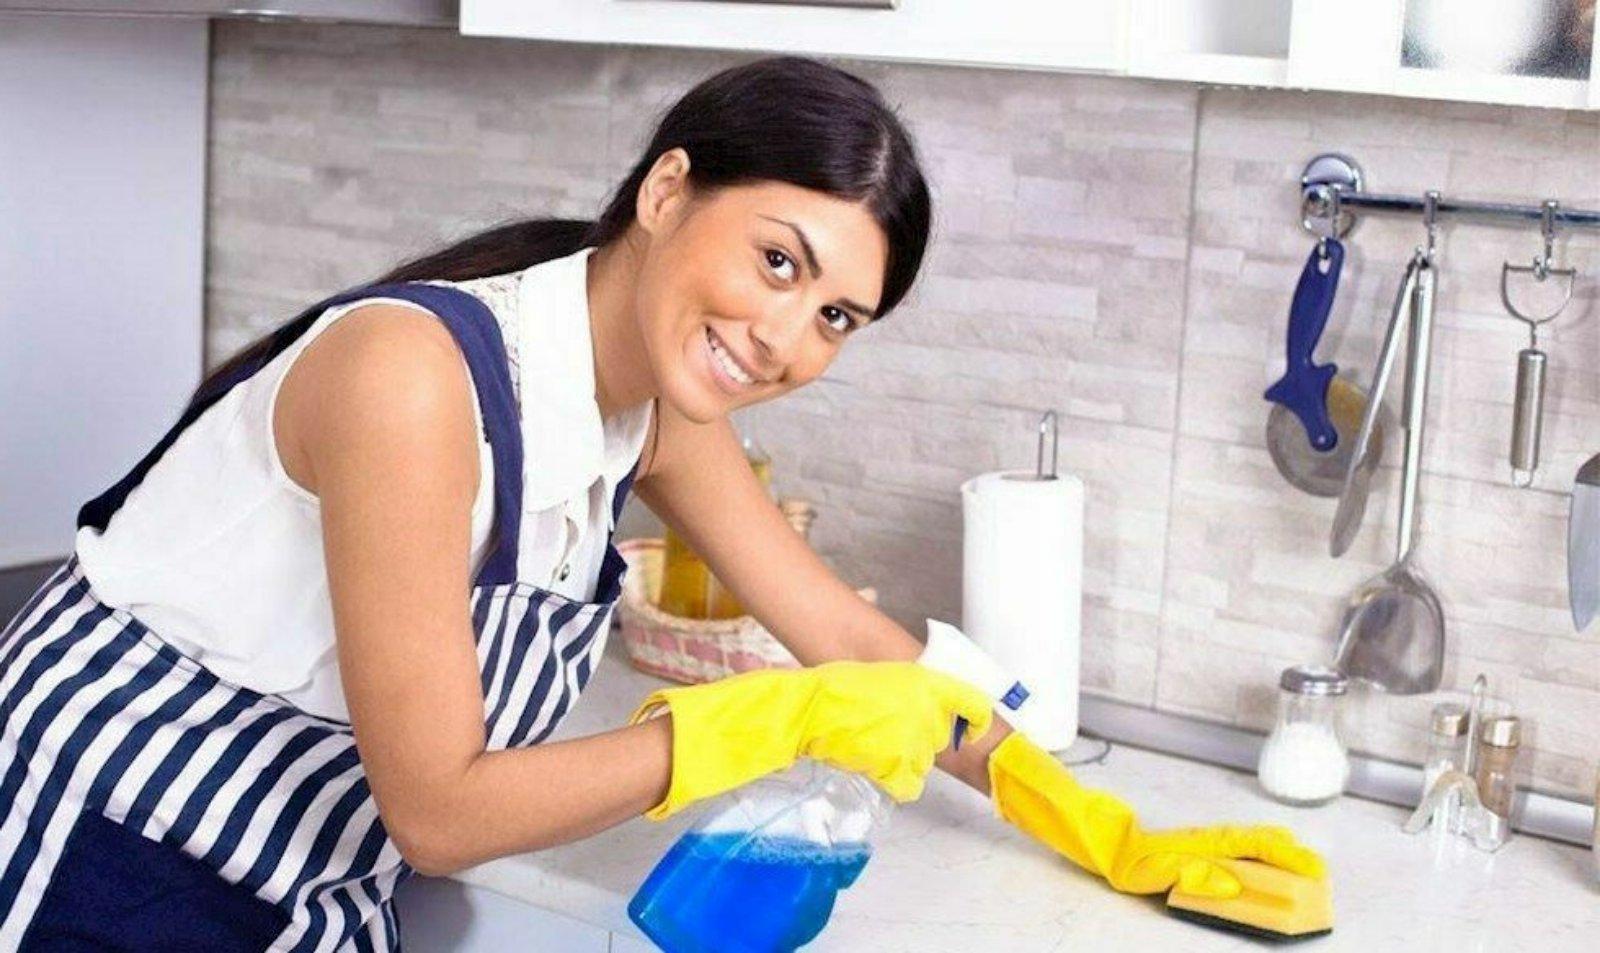 поможем найти работу домработницей - Горничная домработница в семью